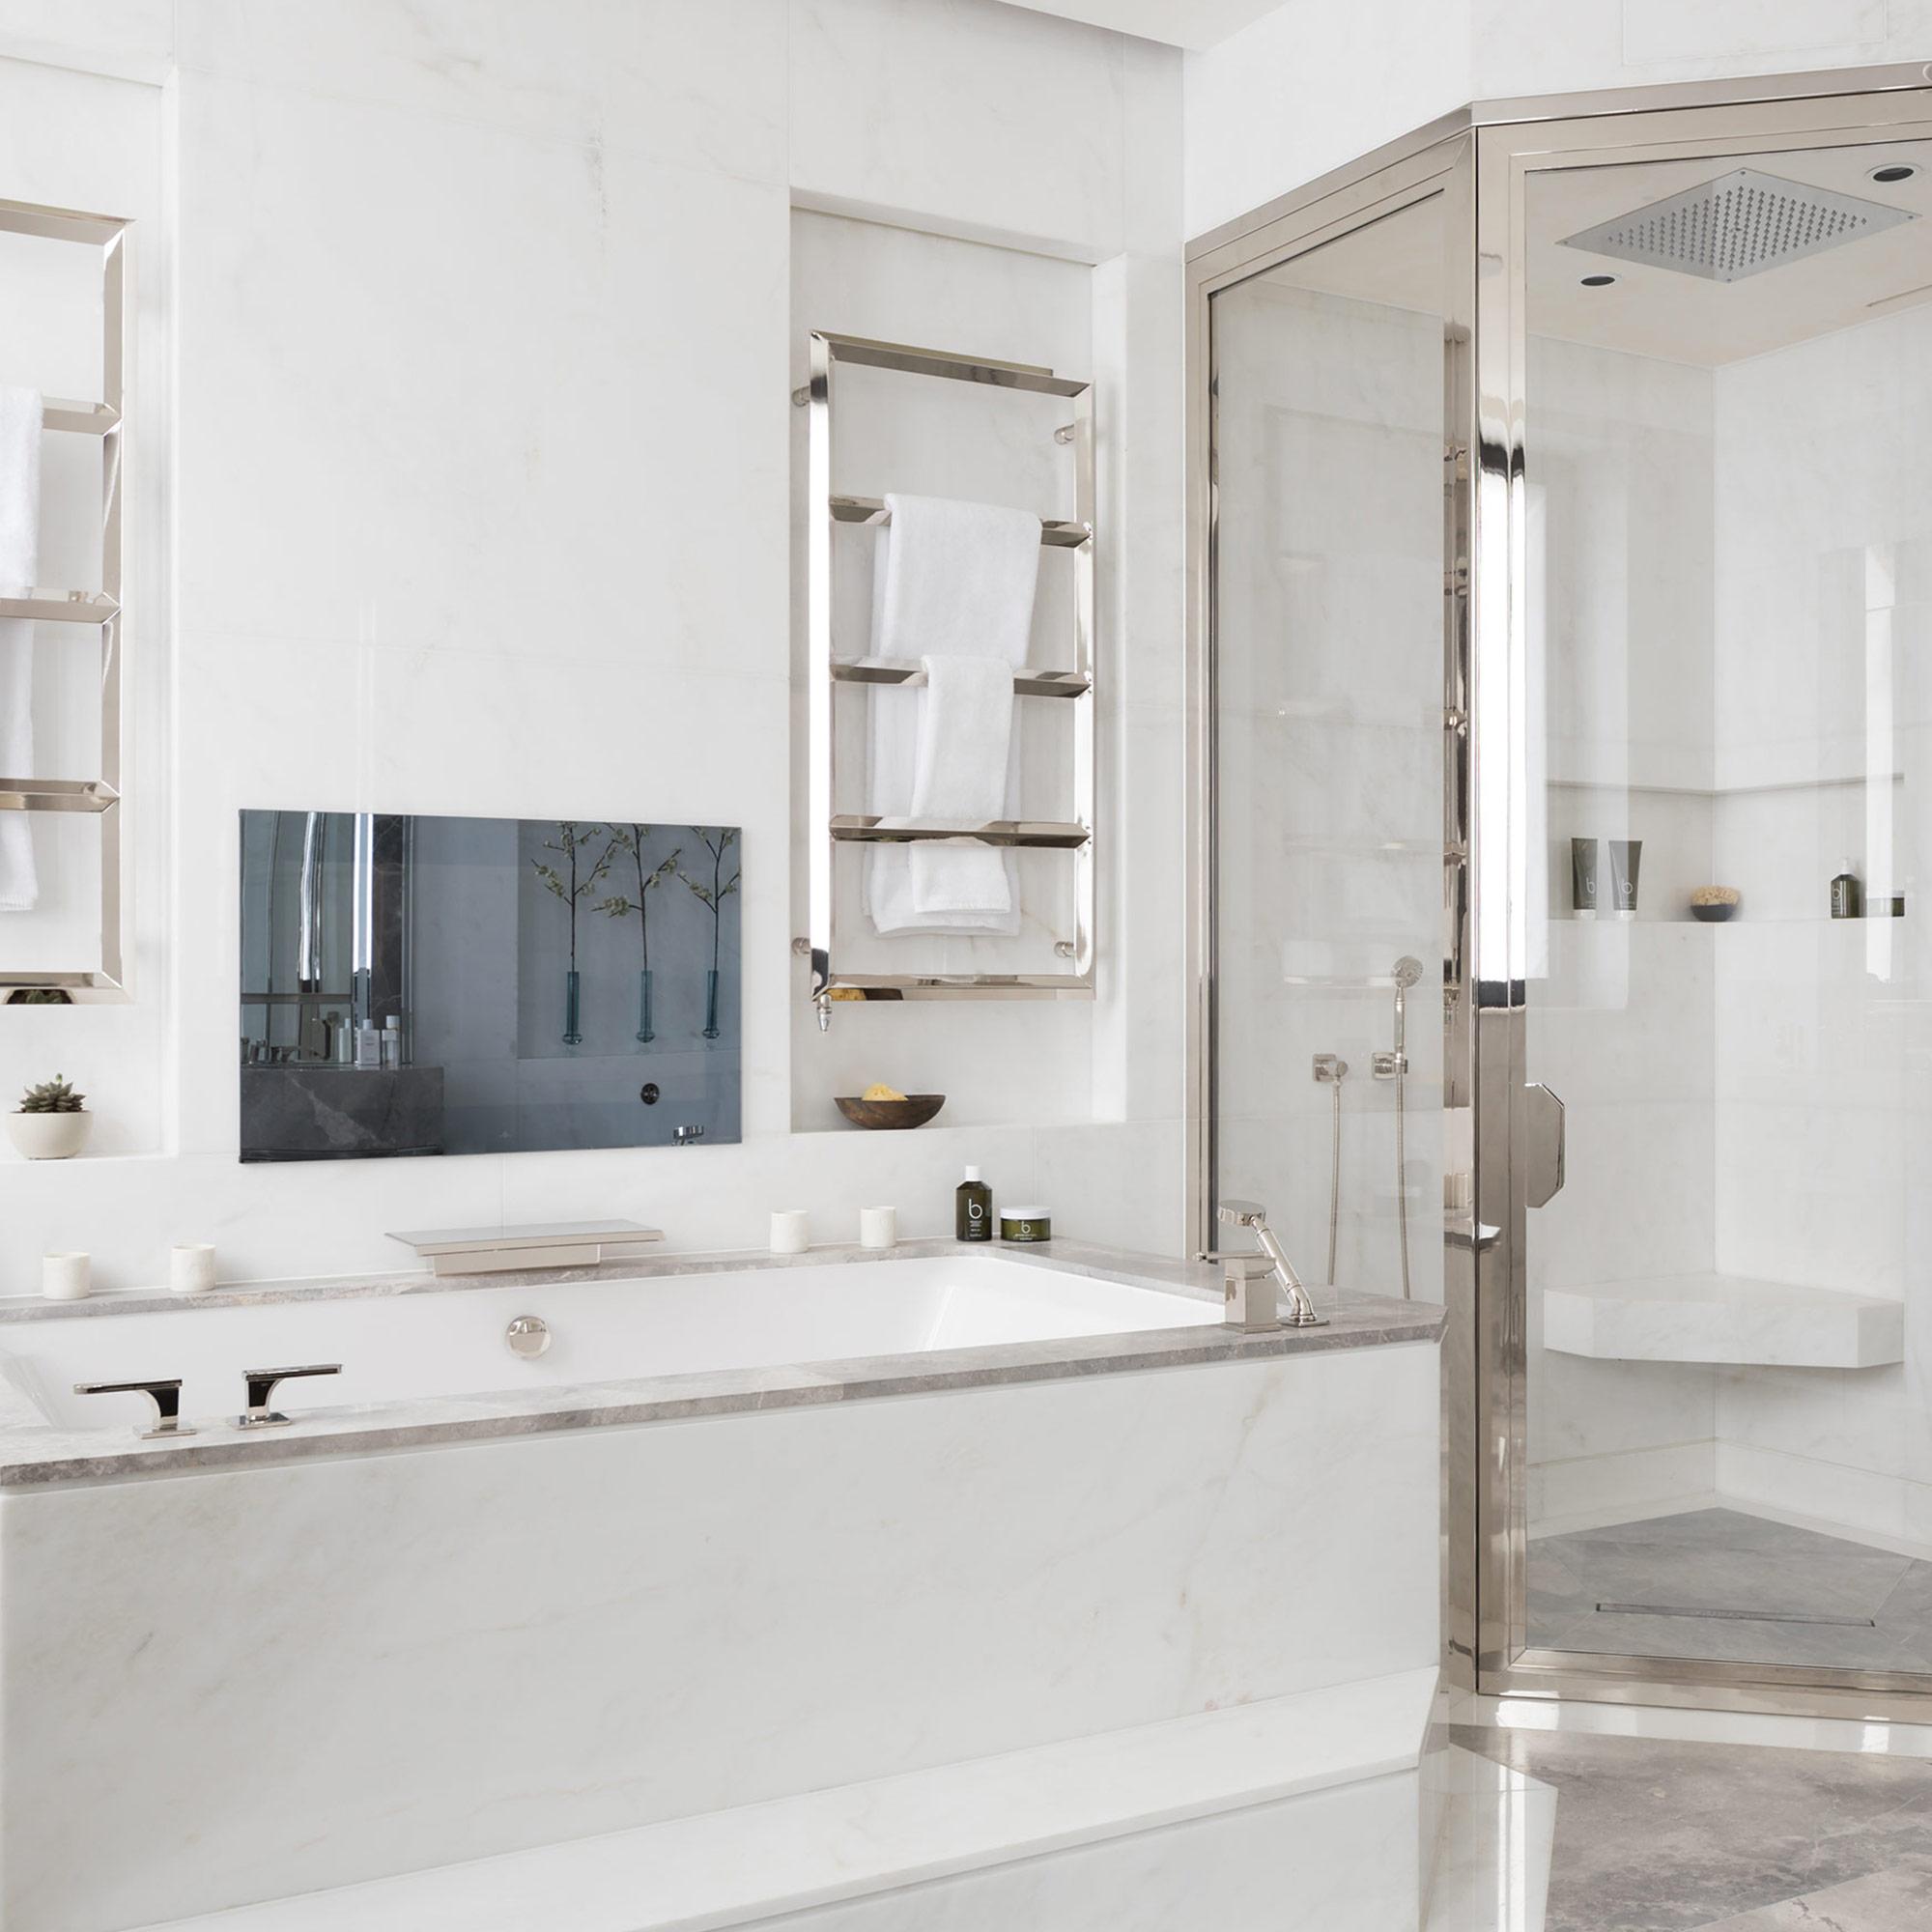 West One Bathrooms Case Studies Luxlo Penthouse Bathroom Feat